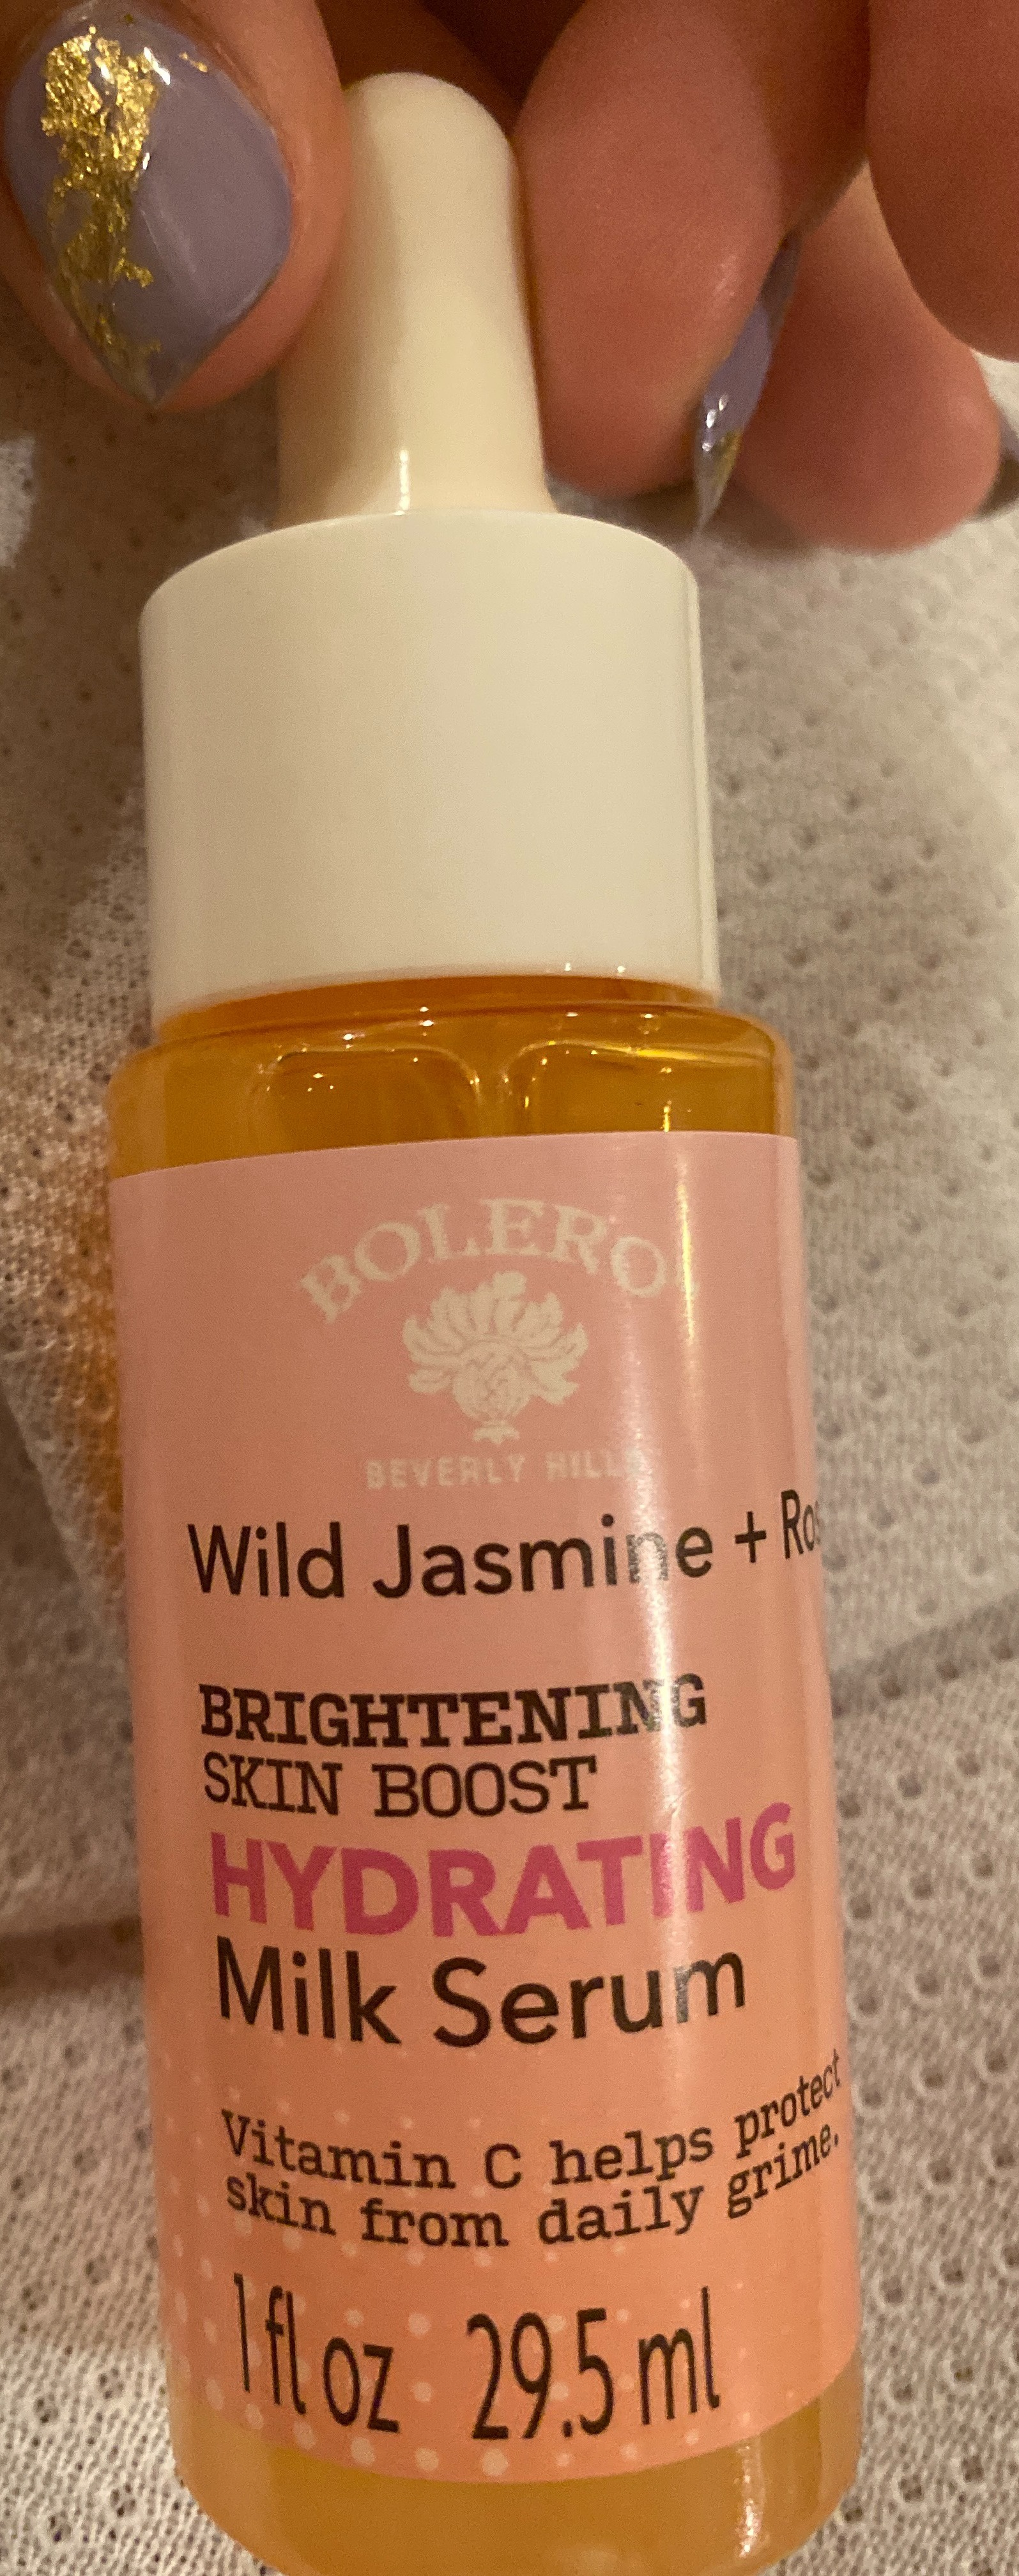 Bolero Beverly Hills Wild Jasmine And Rose Brightening Skin Boost Hydrating Milk Serum